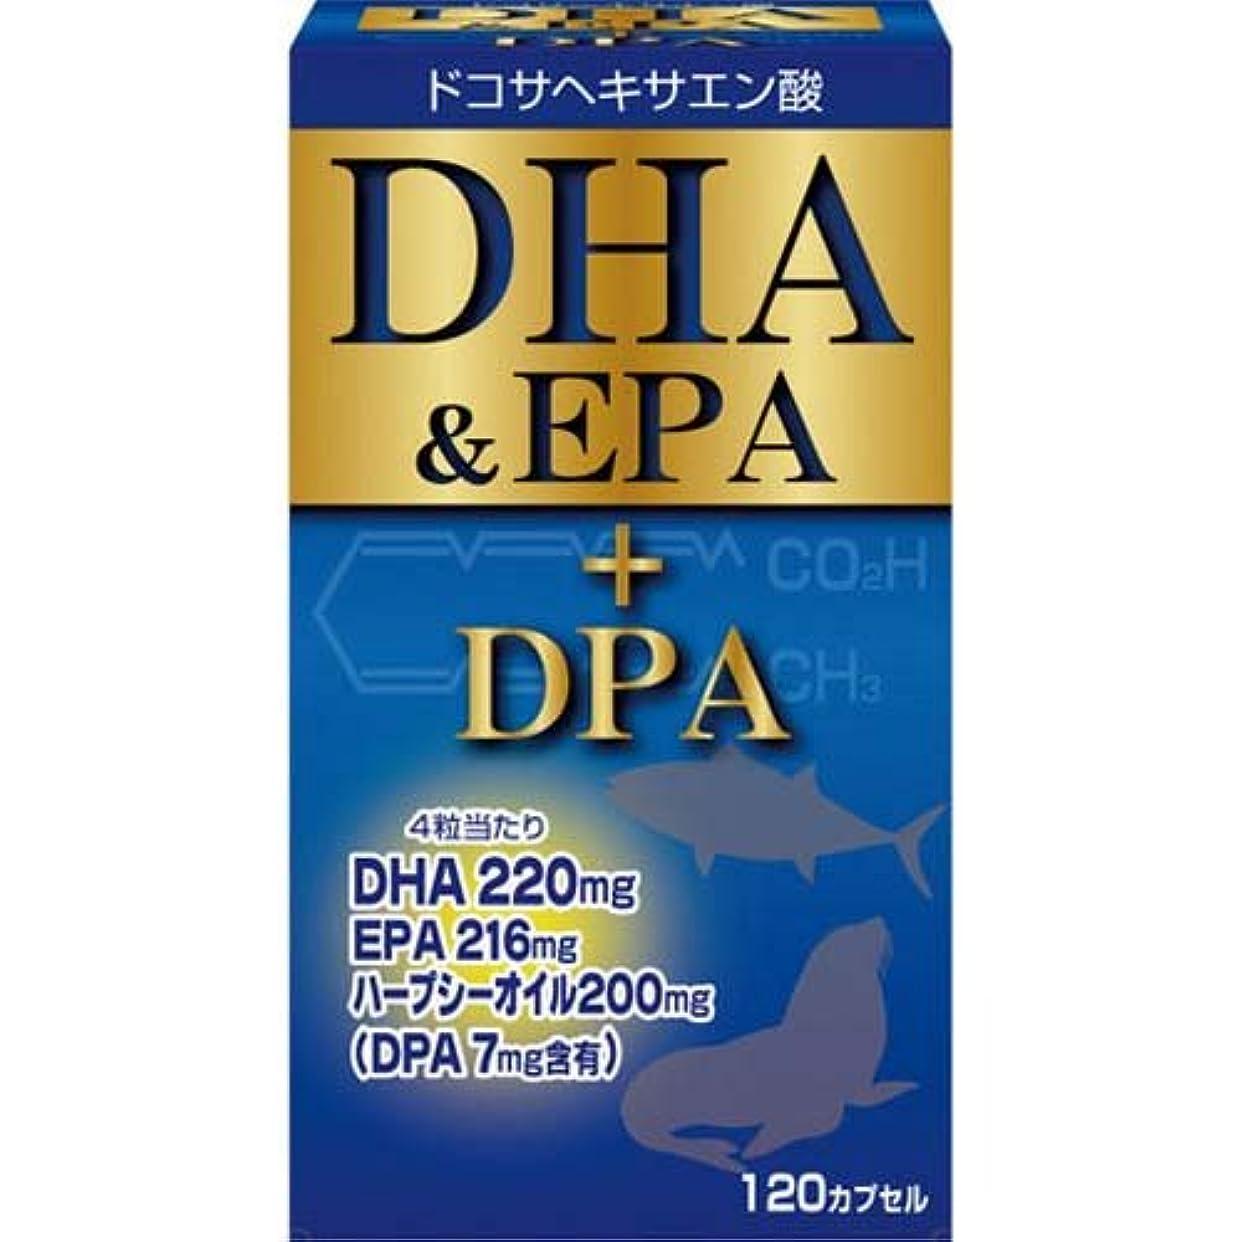 説明キャプション保持ユーワ DHA&EPA+DPA 120カプセル